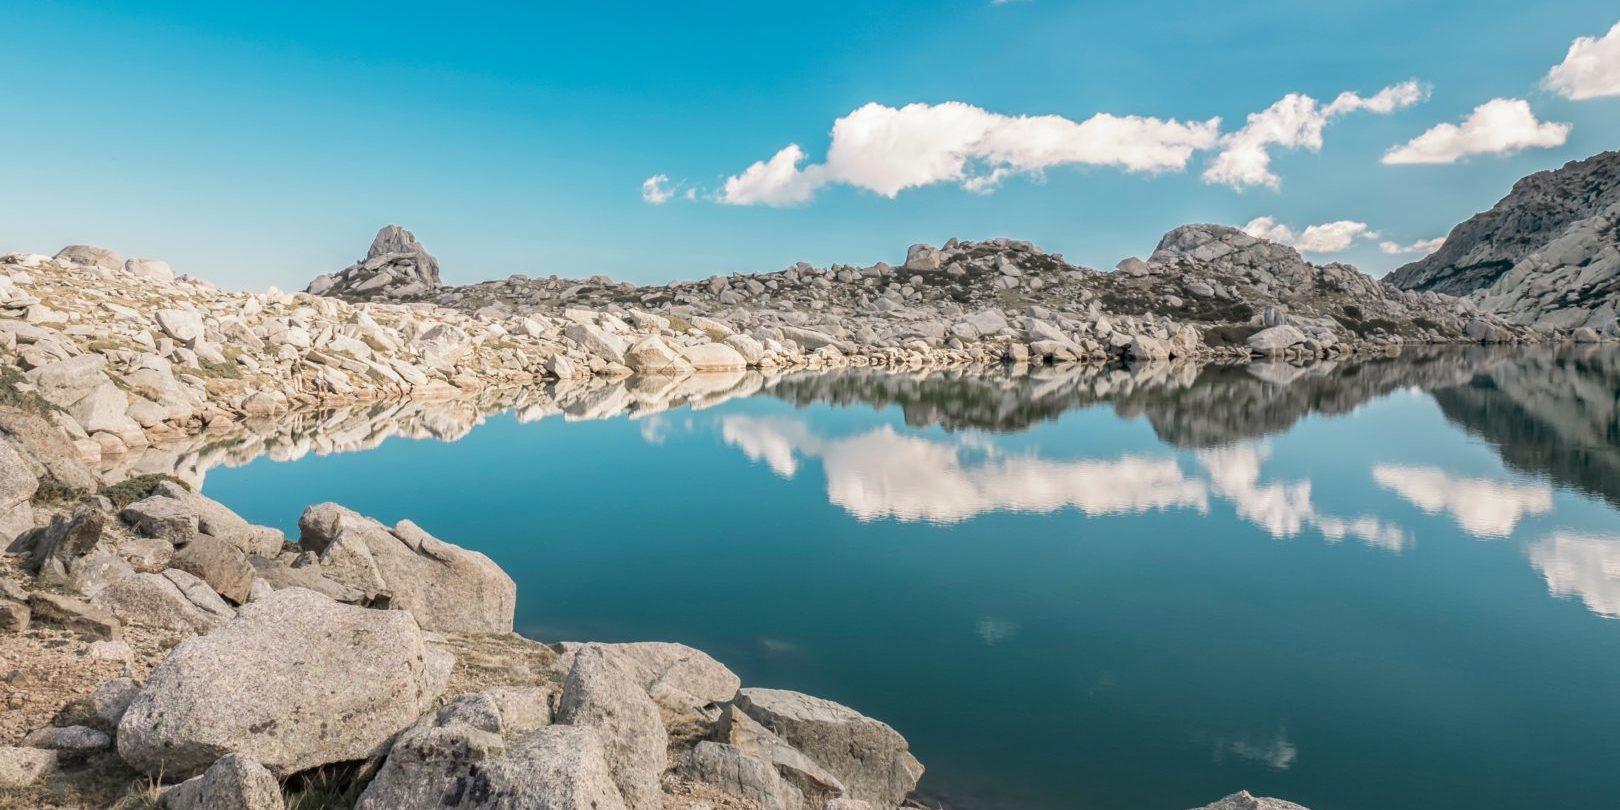 Lac de Bastani Monte Renoso Ghisoni Corsica Frankrijk bergmeer GR20 fotograaf Maarten-Deckers